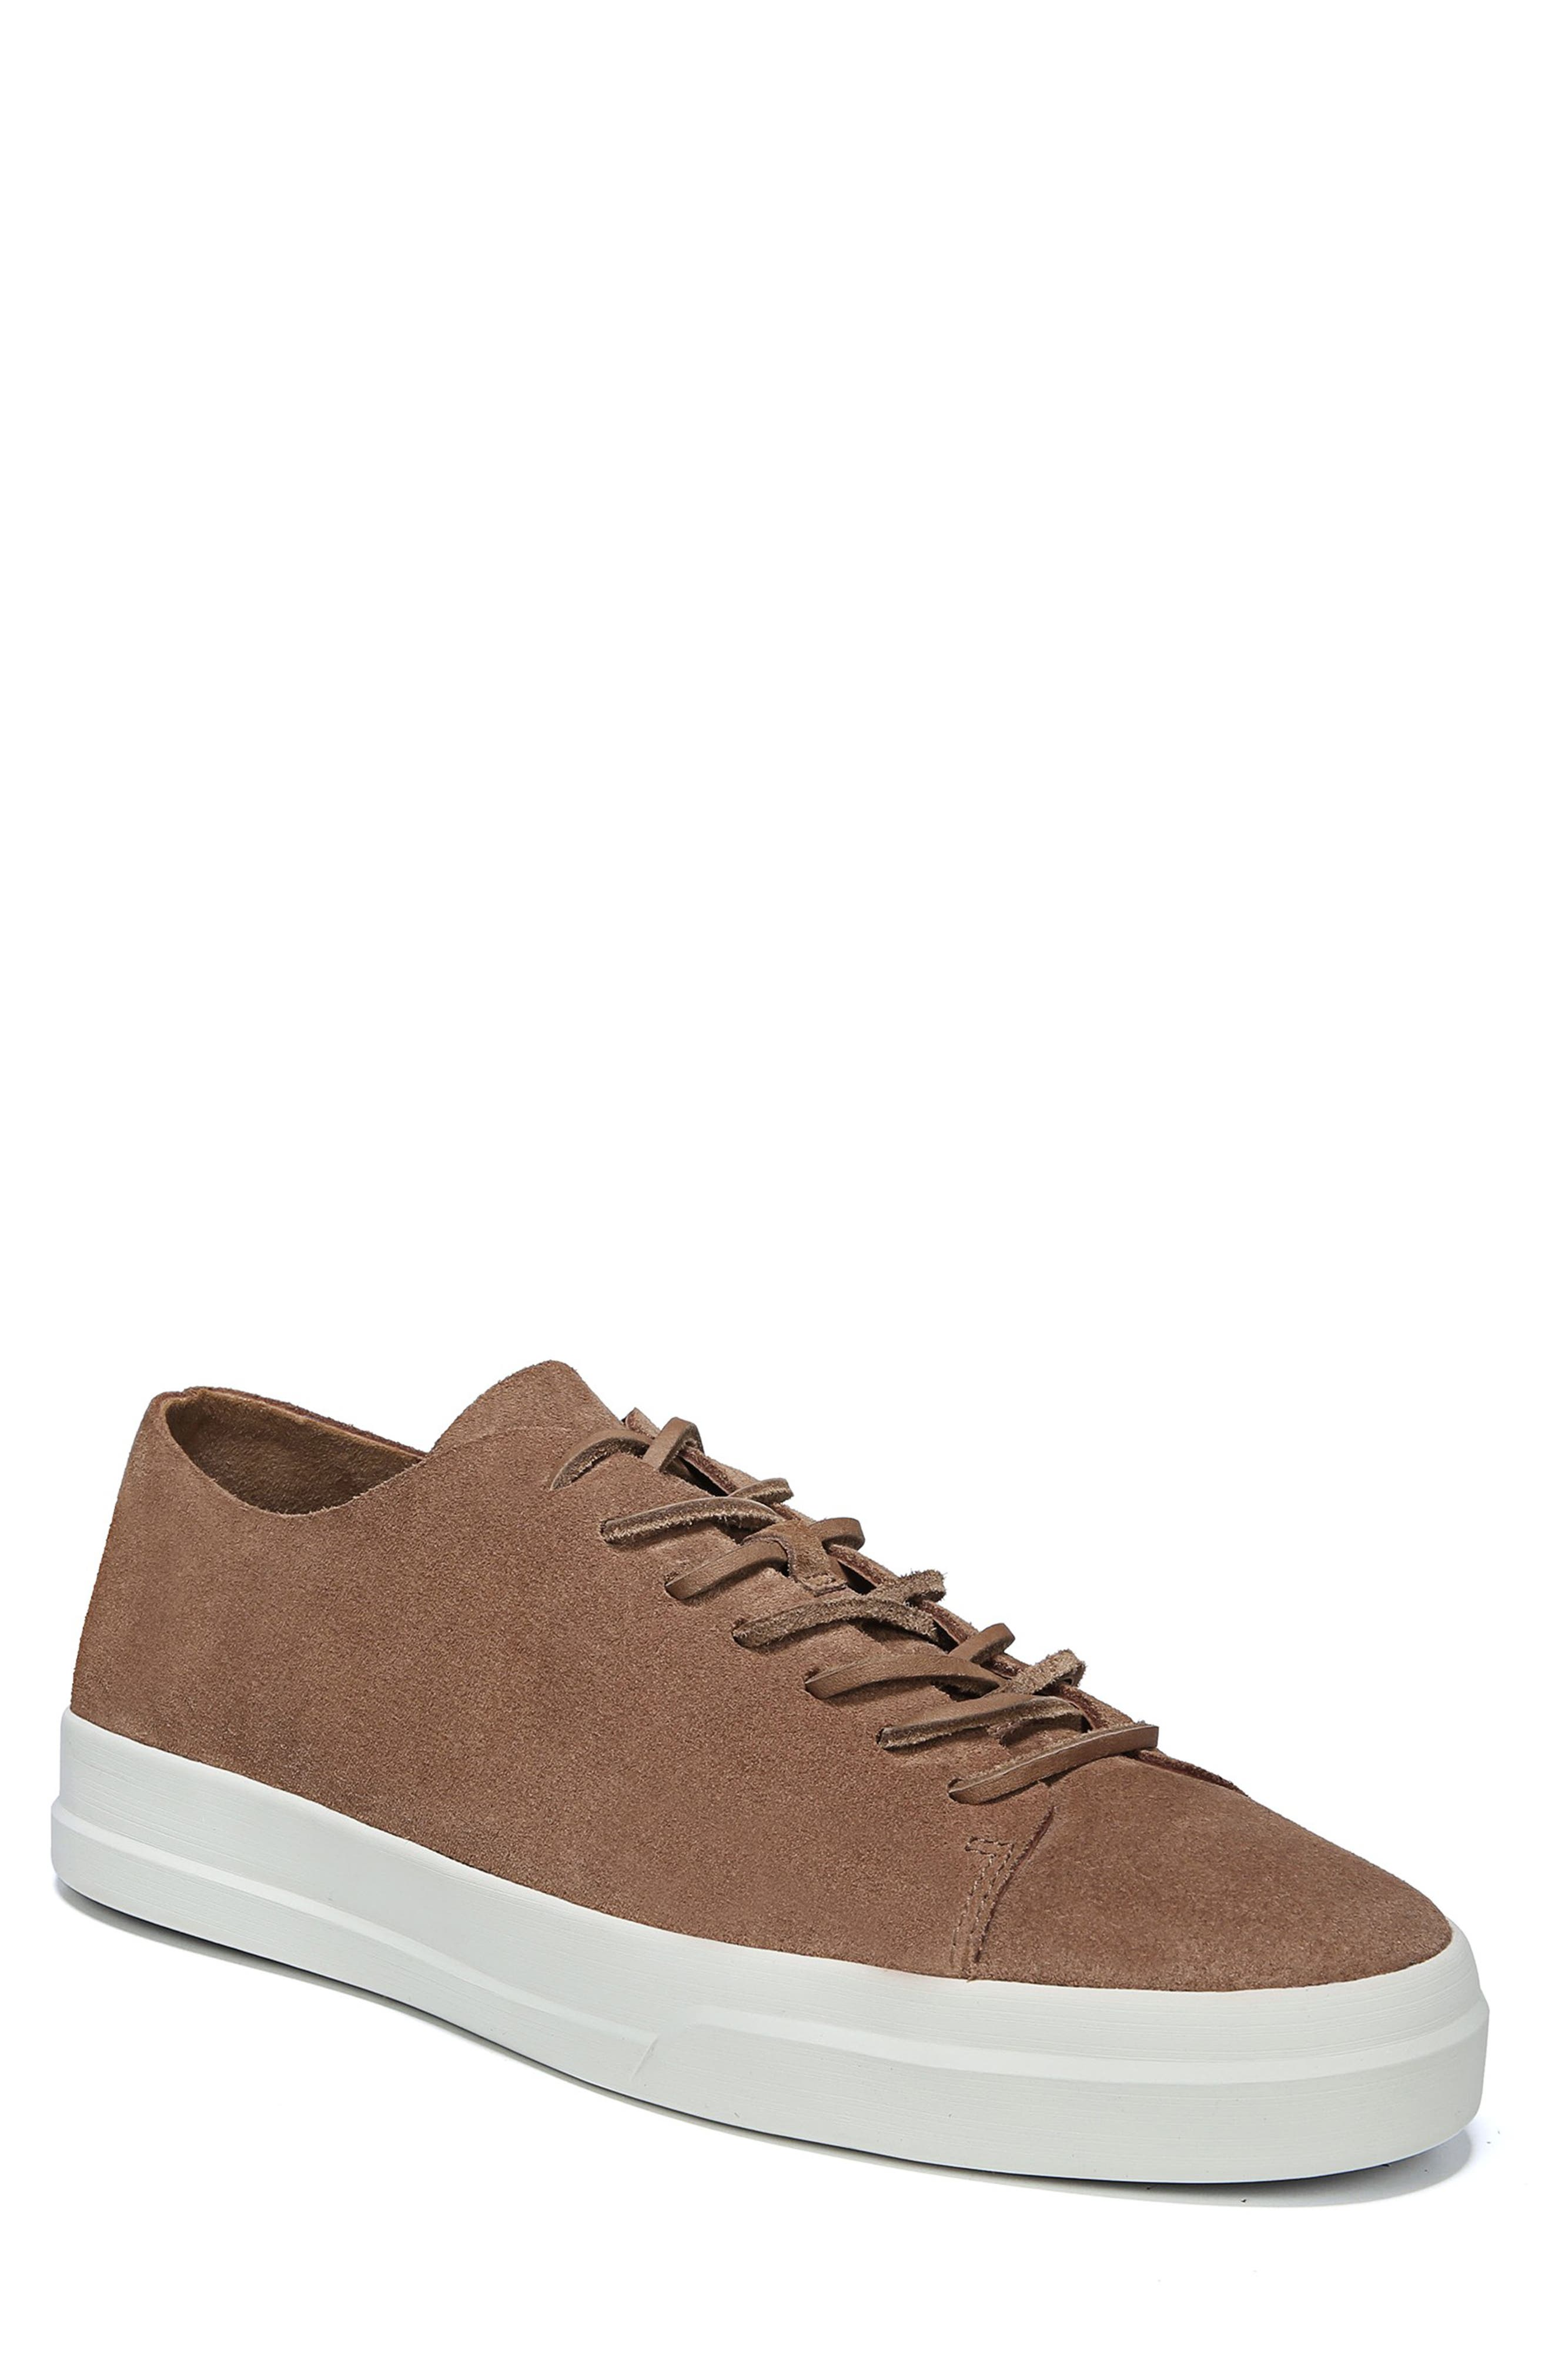 Copeland Sneaker,                             Main thumbnail 1, color,                             CEDAR